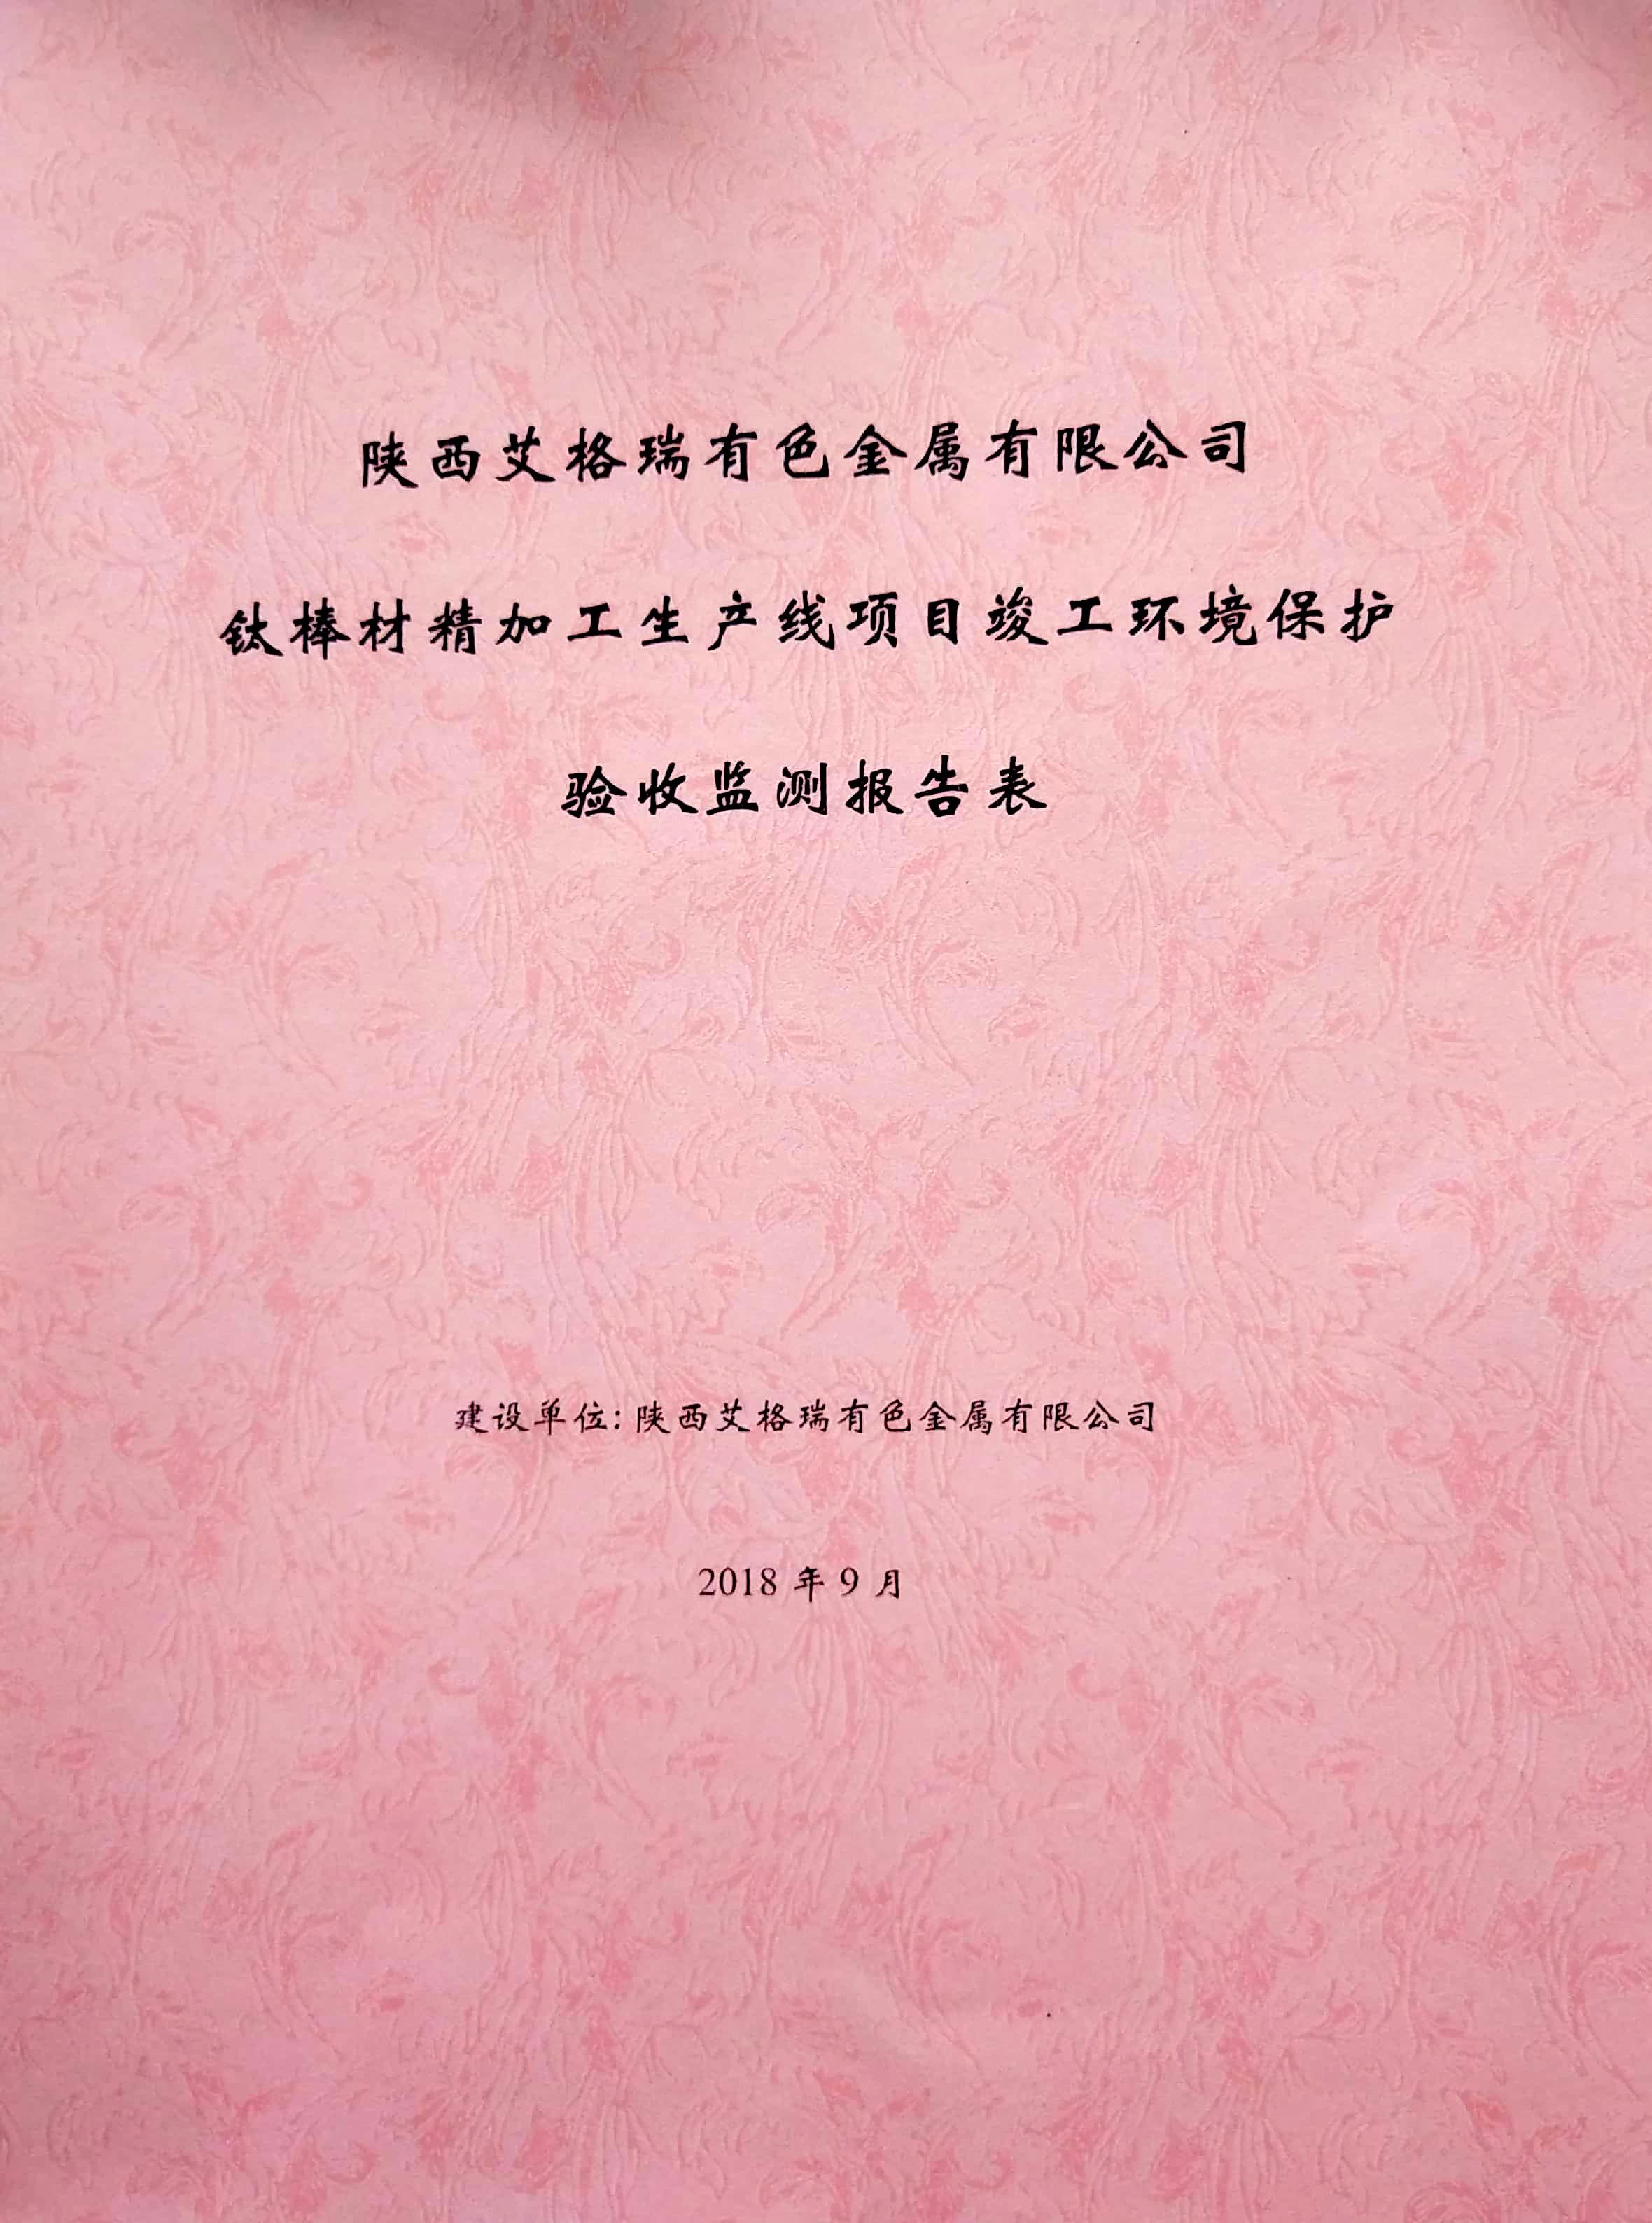 环境保护验收监测报告-1